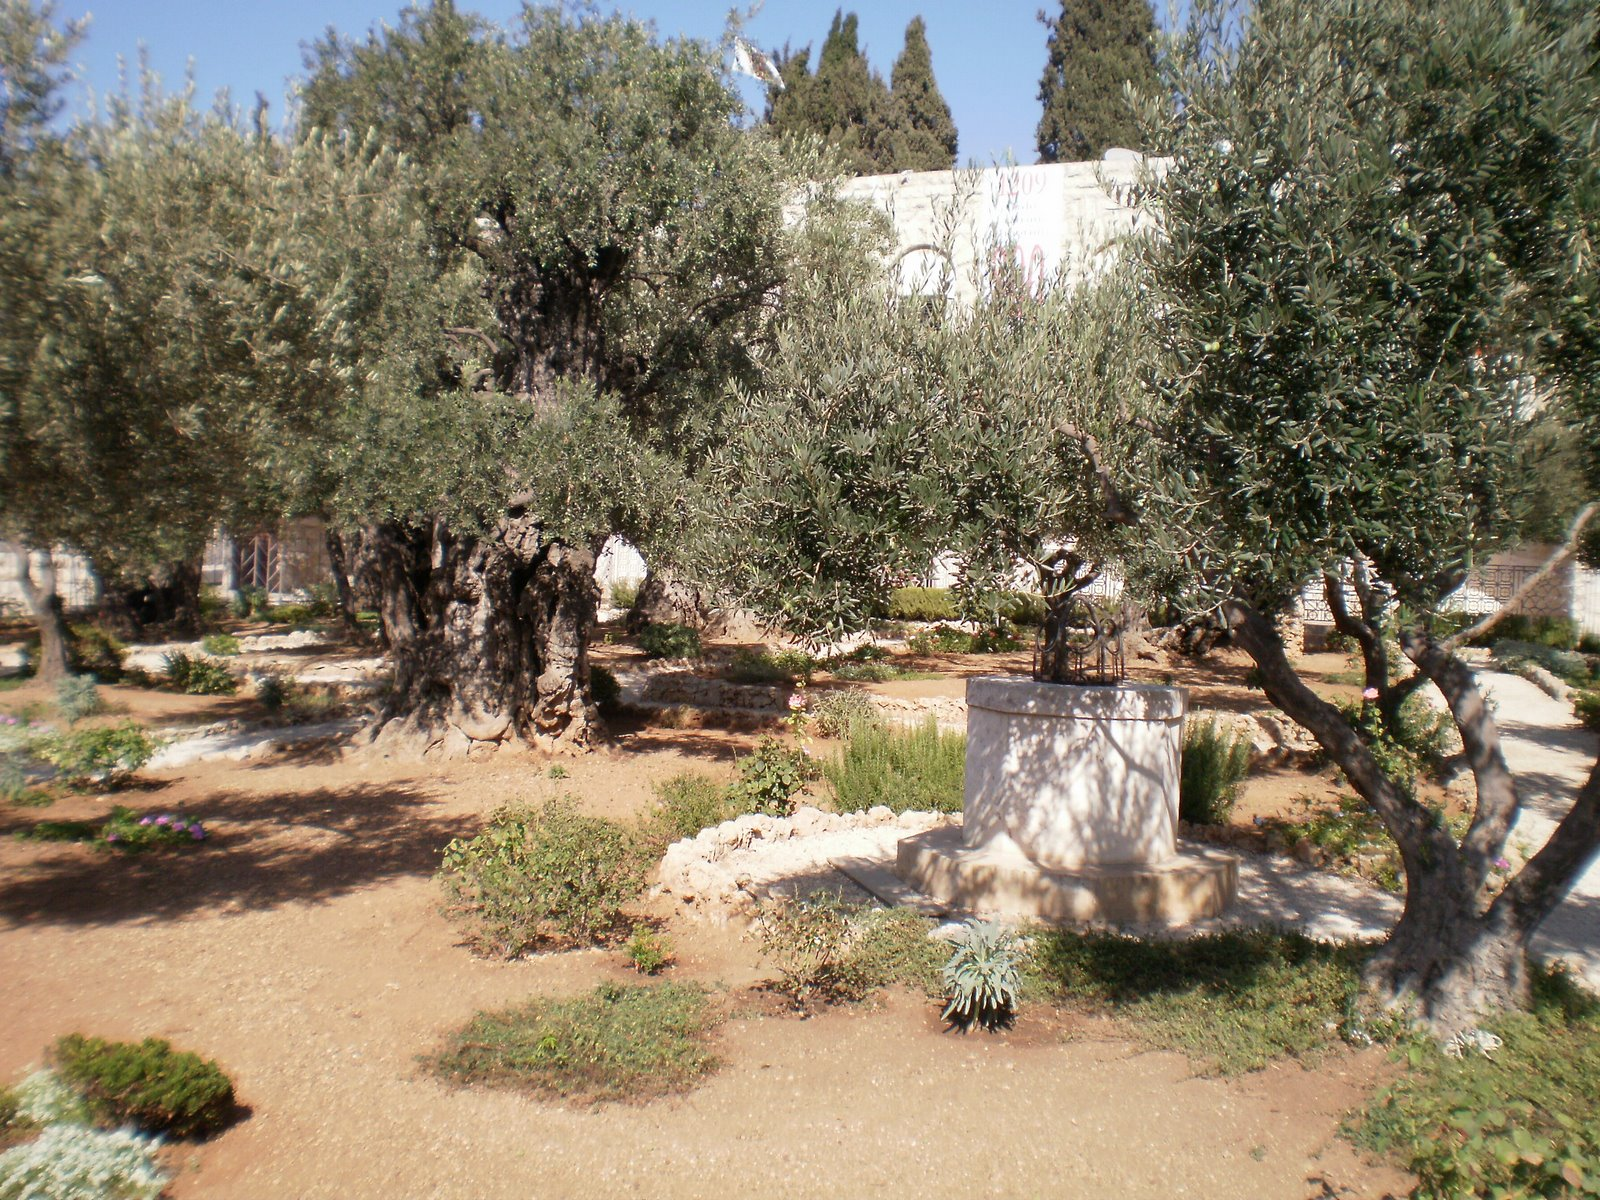 fotos do jardim das oliveiras : fotos do jardim das oliveiras ? Doitri.com